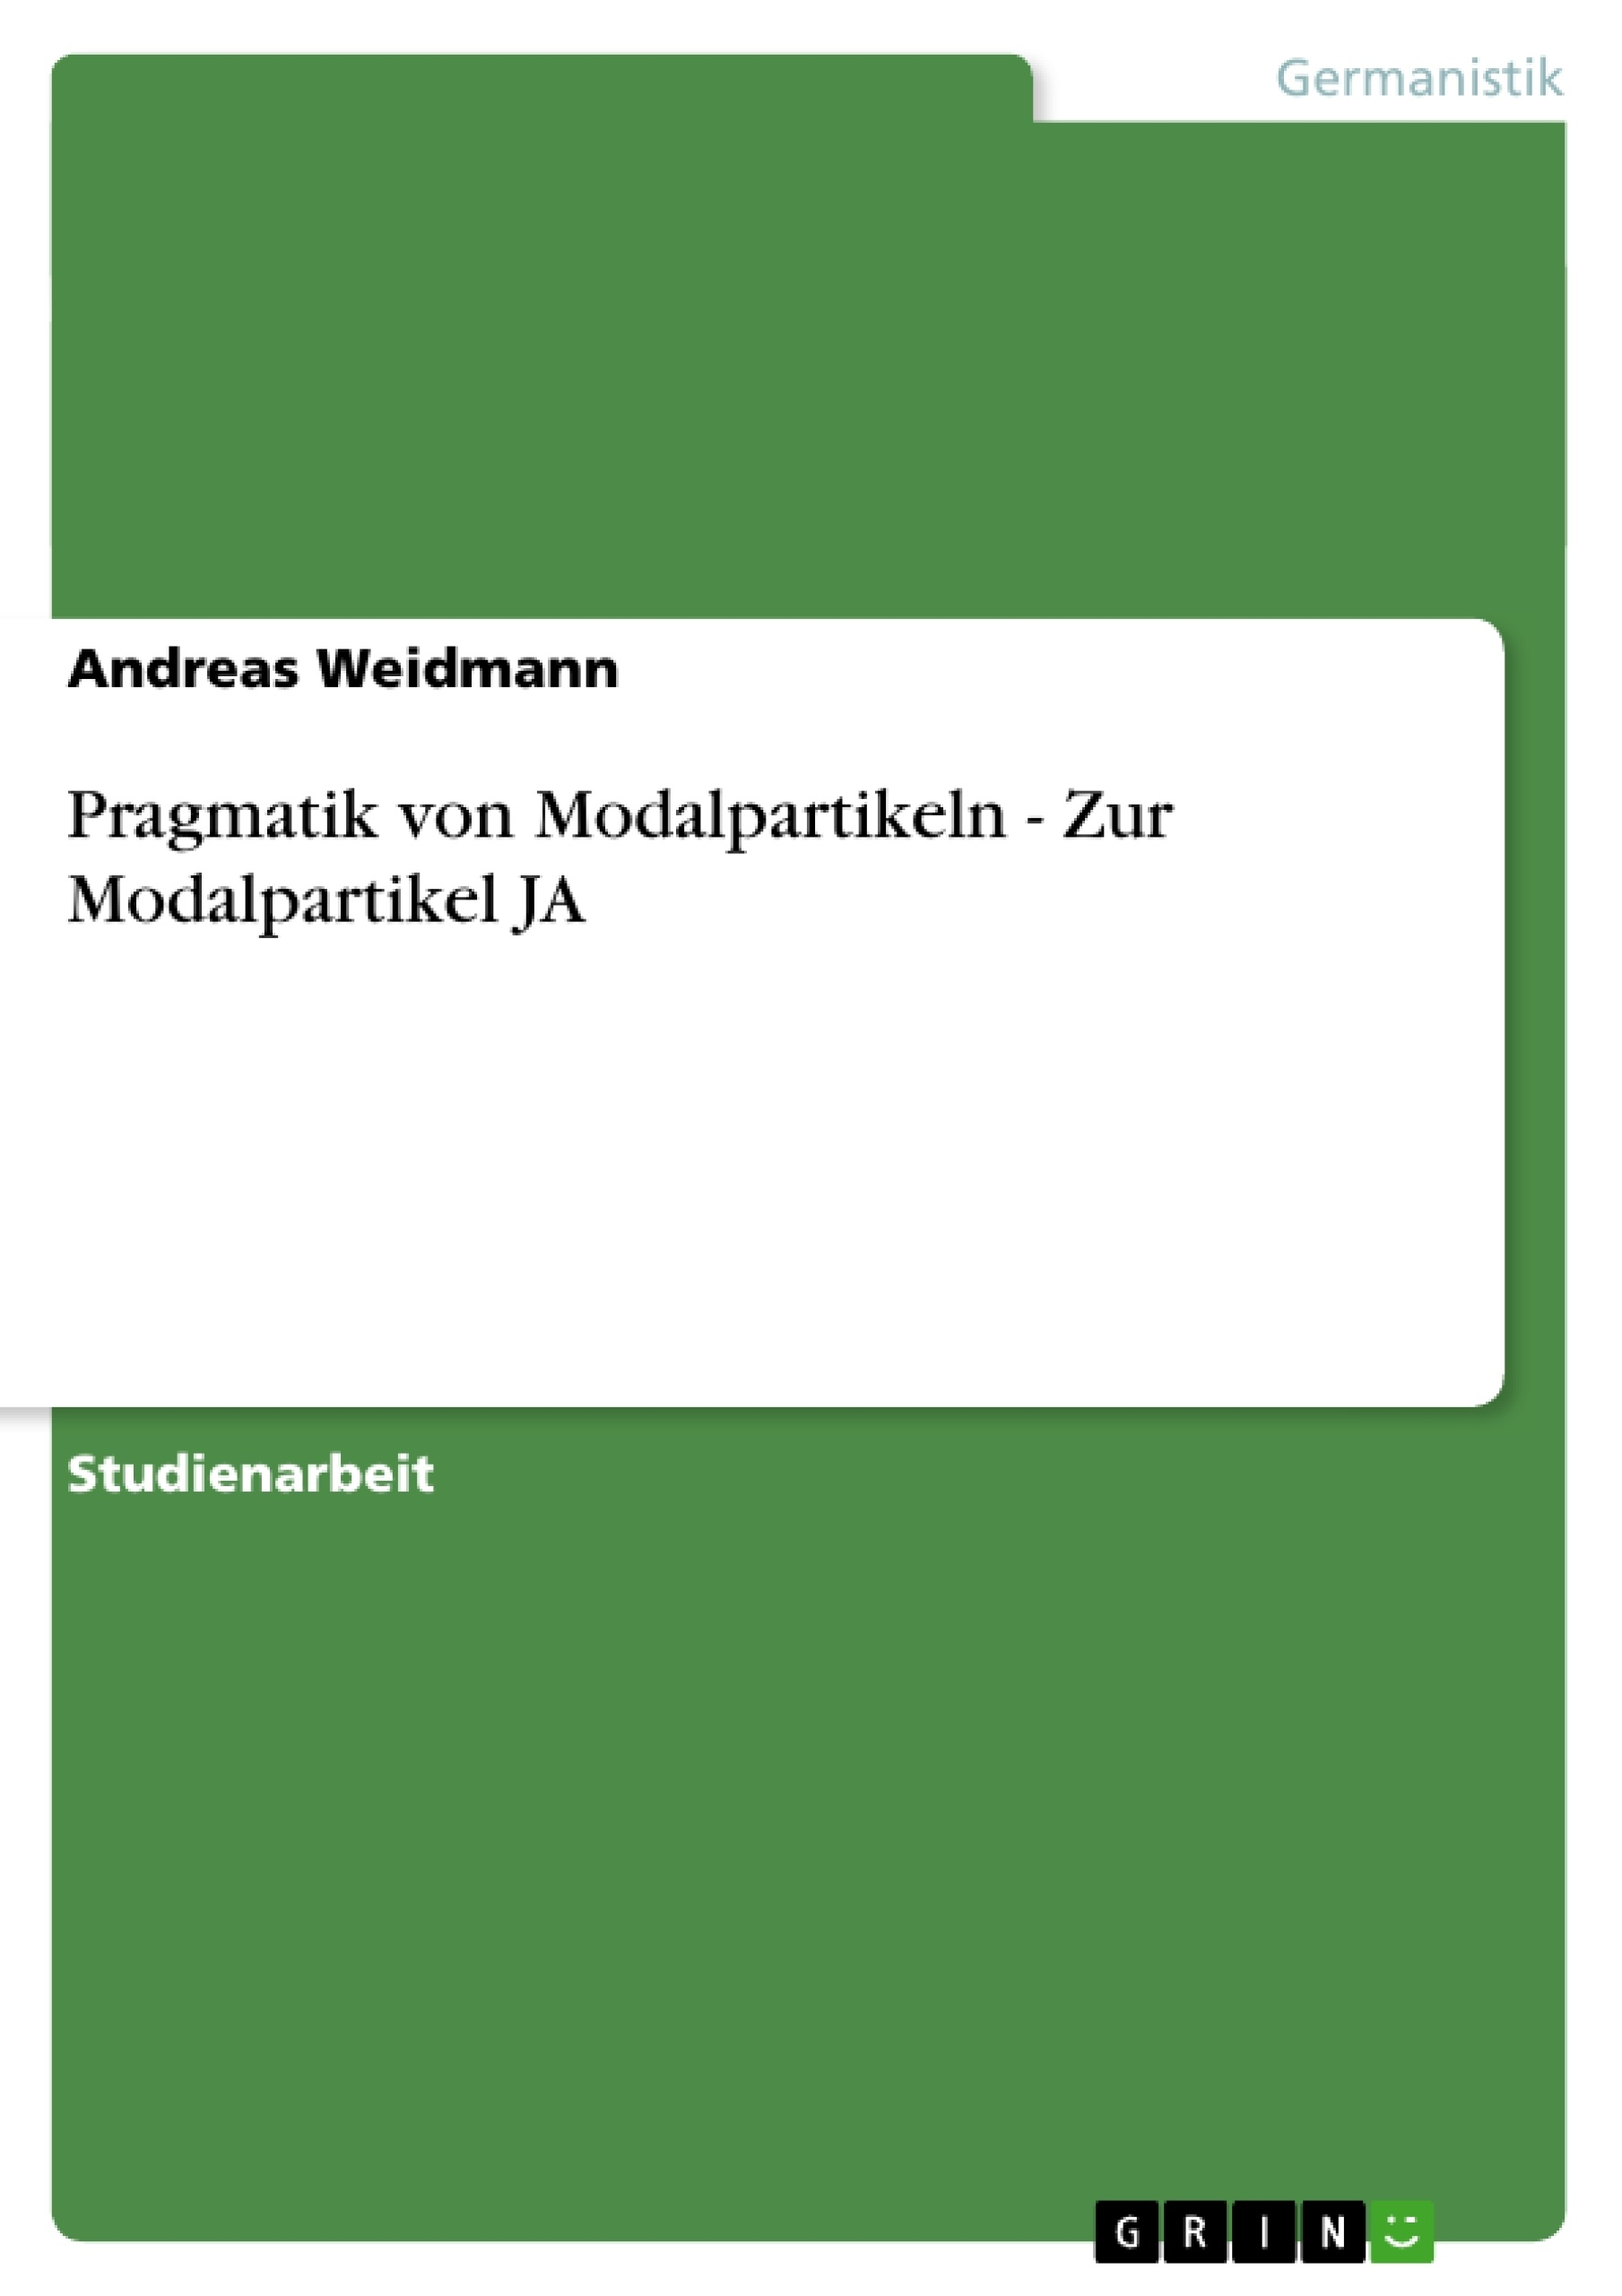 Titel: Pragmatik von Modalpartikeln - Zur Modalpartikel JA